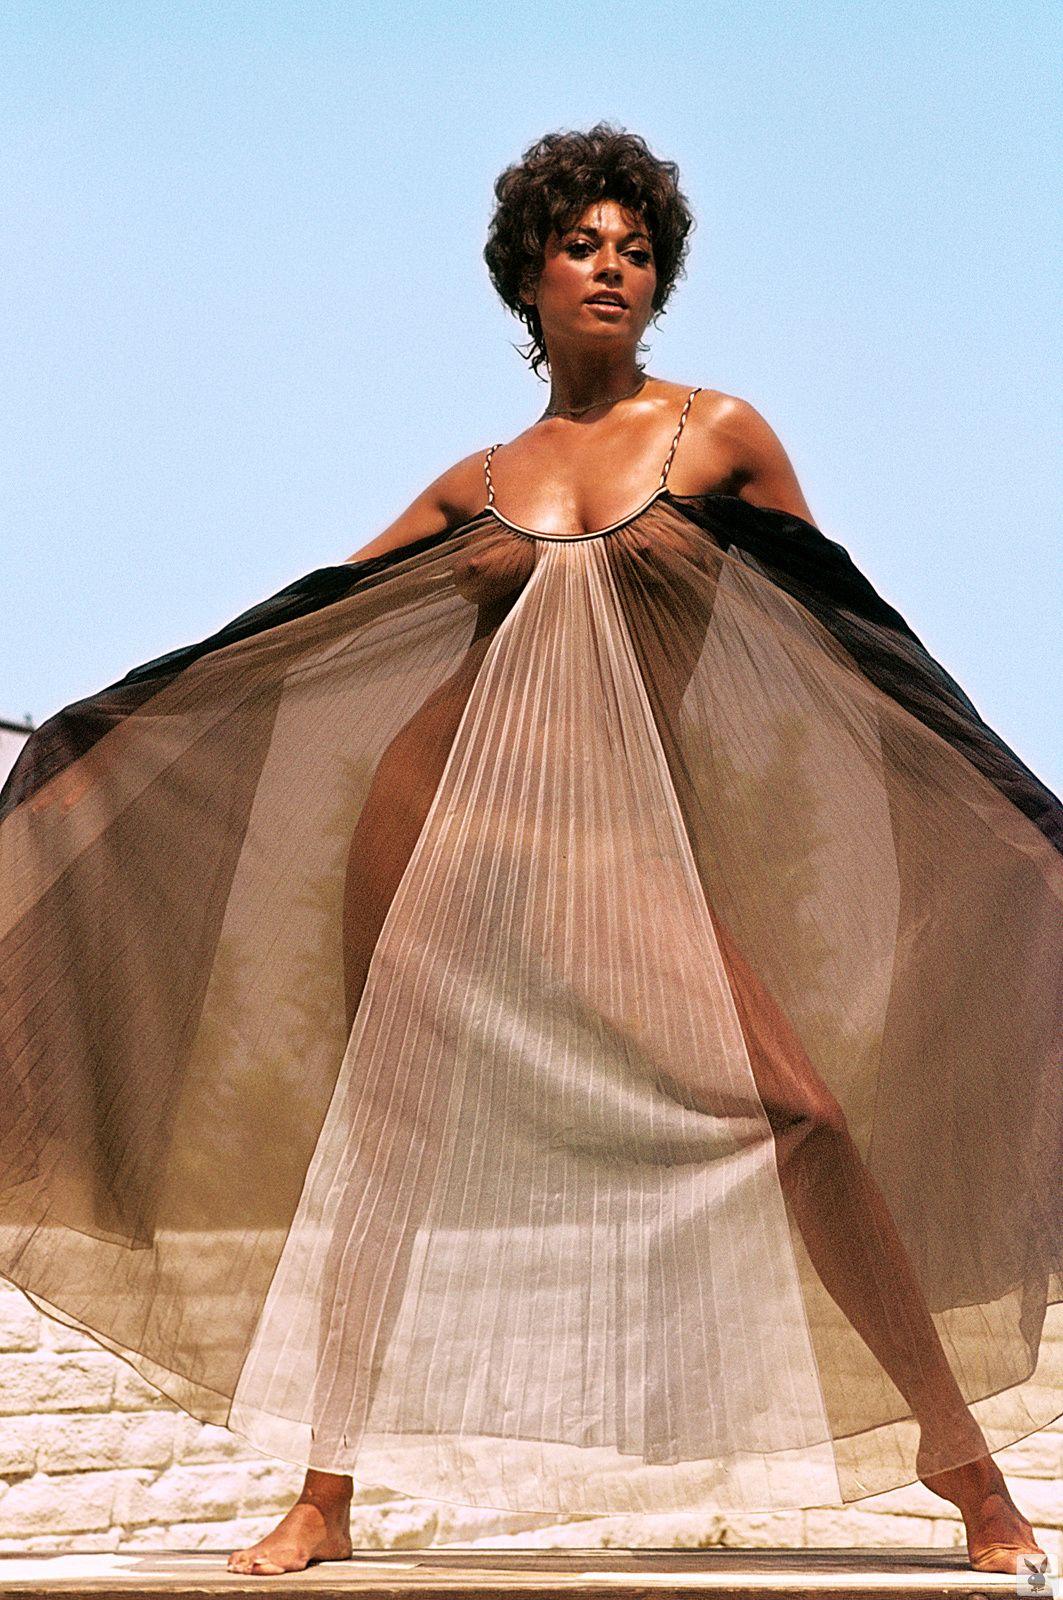 Fran Jeffries naked (68 photo), Topless, Sideboobs, Selfie, cameltoe 2006